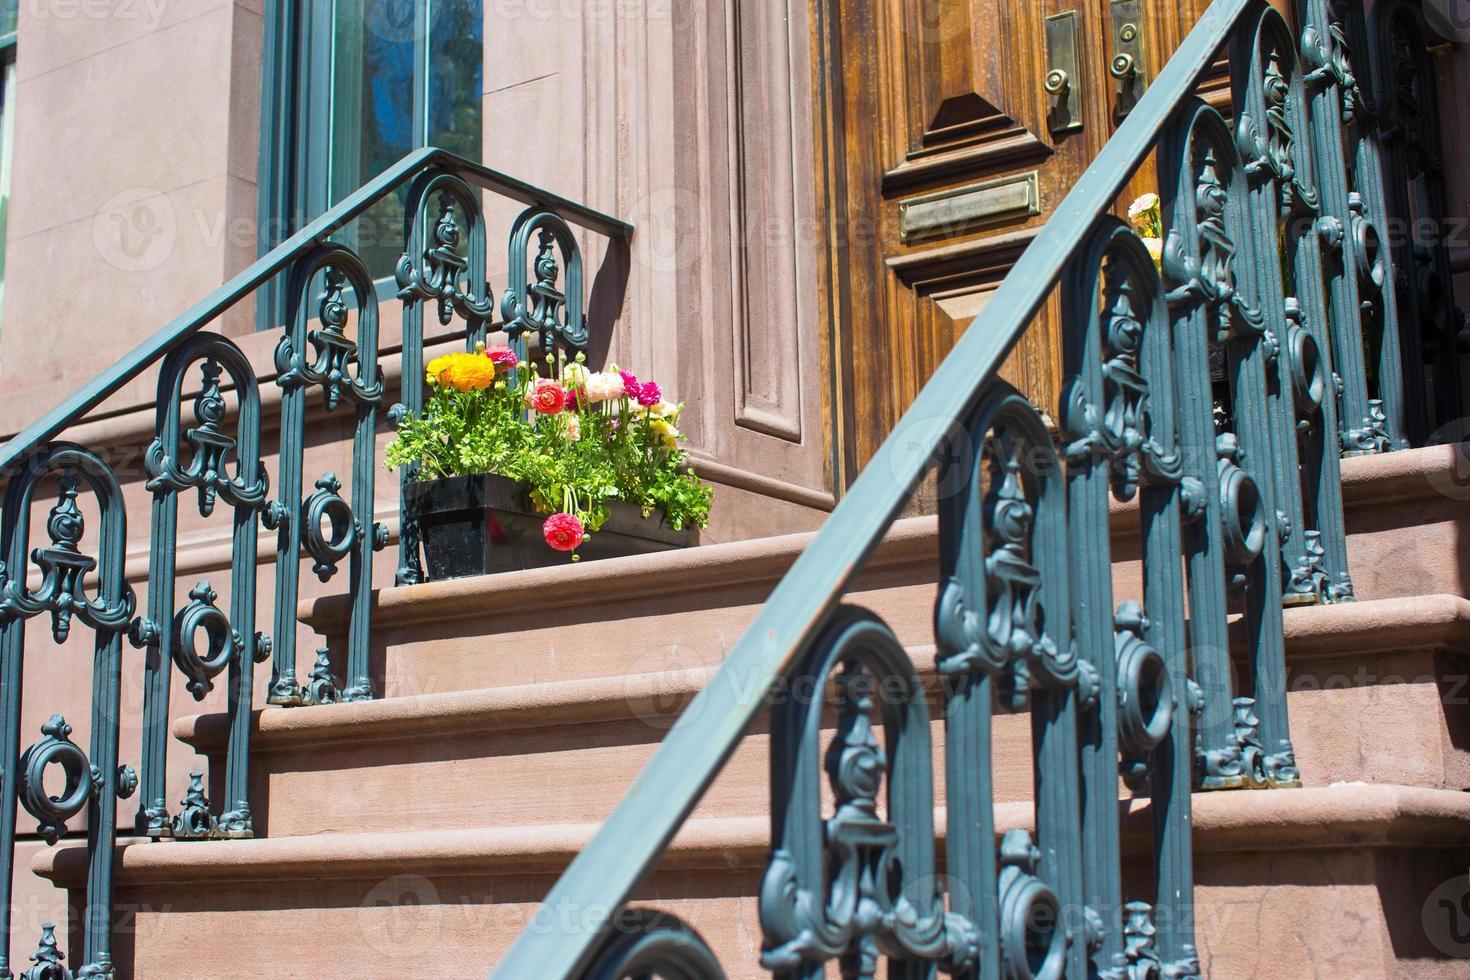 alte Häuser mit Treppen in der Altstadt von West Village foto